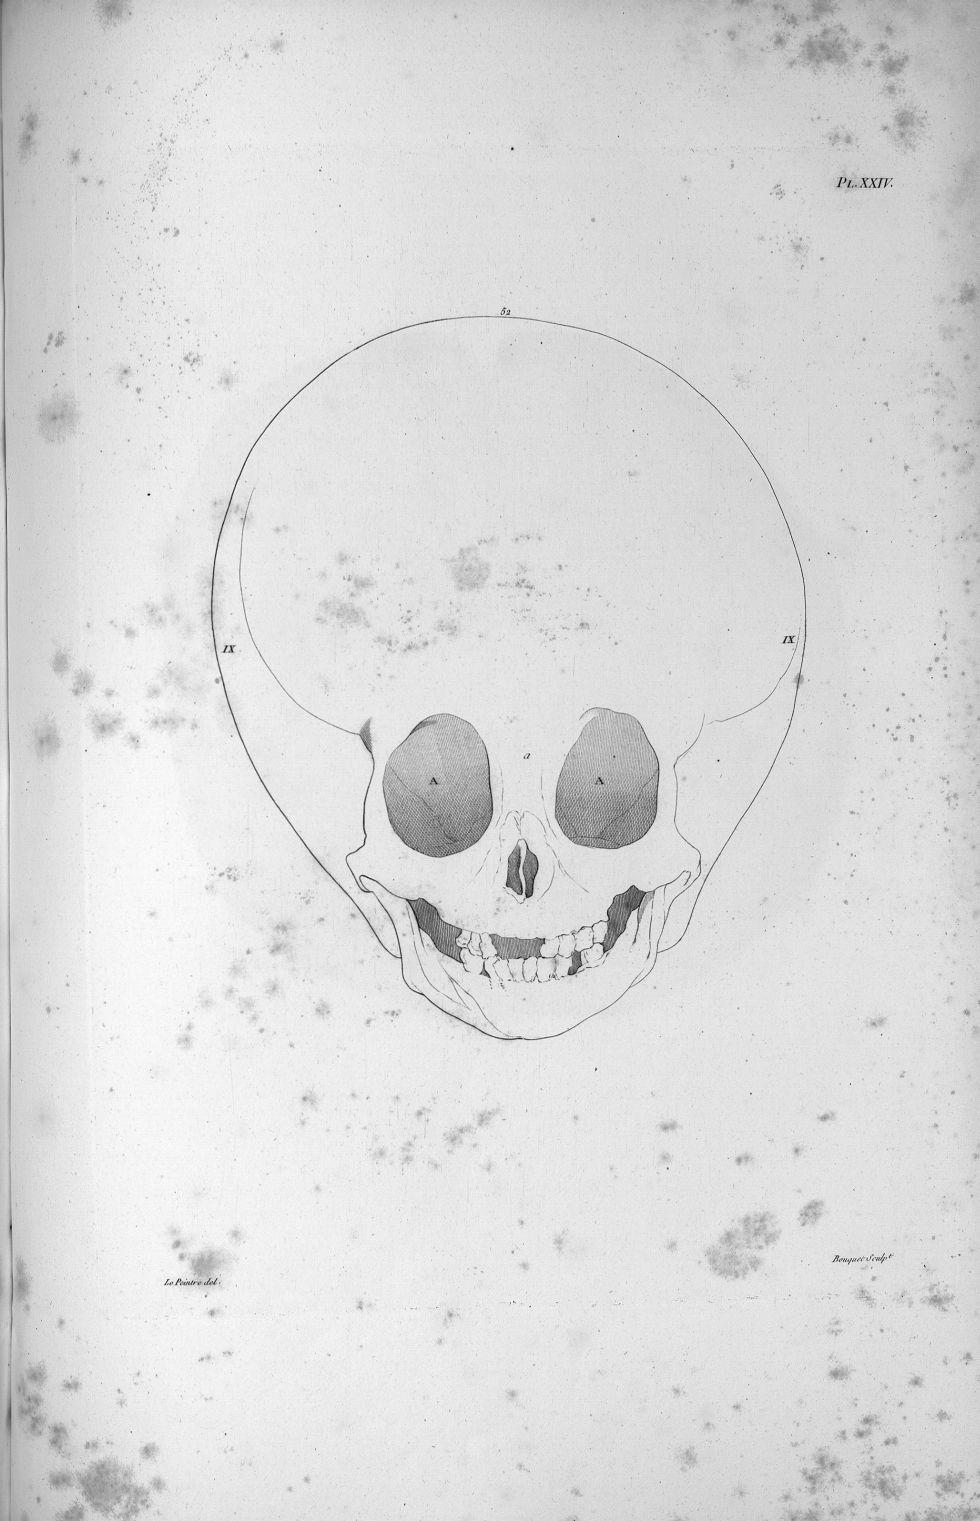 Pl. XXIV. Même hydrocéphale [enfant de sept ans complètement imbécile], vu en face - Anatomie et phy [...] - Anatomie. Neurologie. Crânes. Phrénologie. 19e siècle (France) - med00575x02x0343